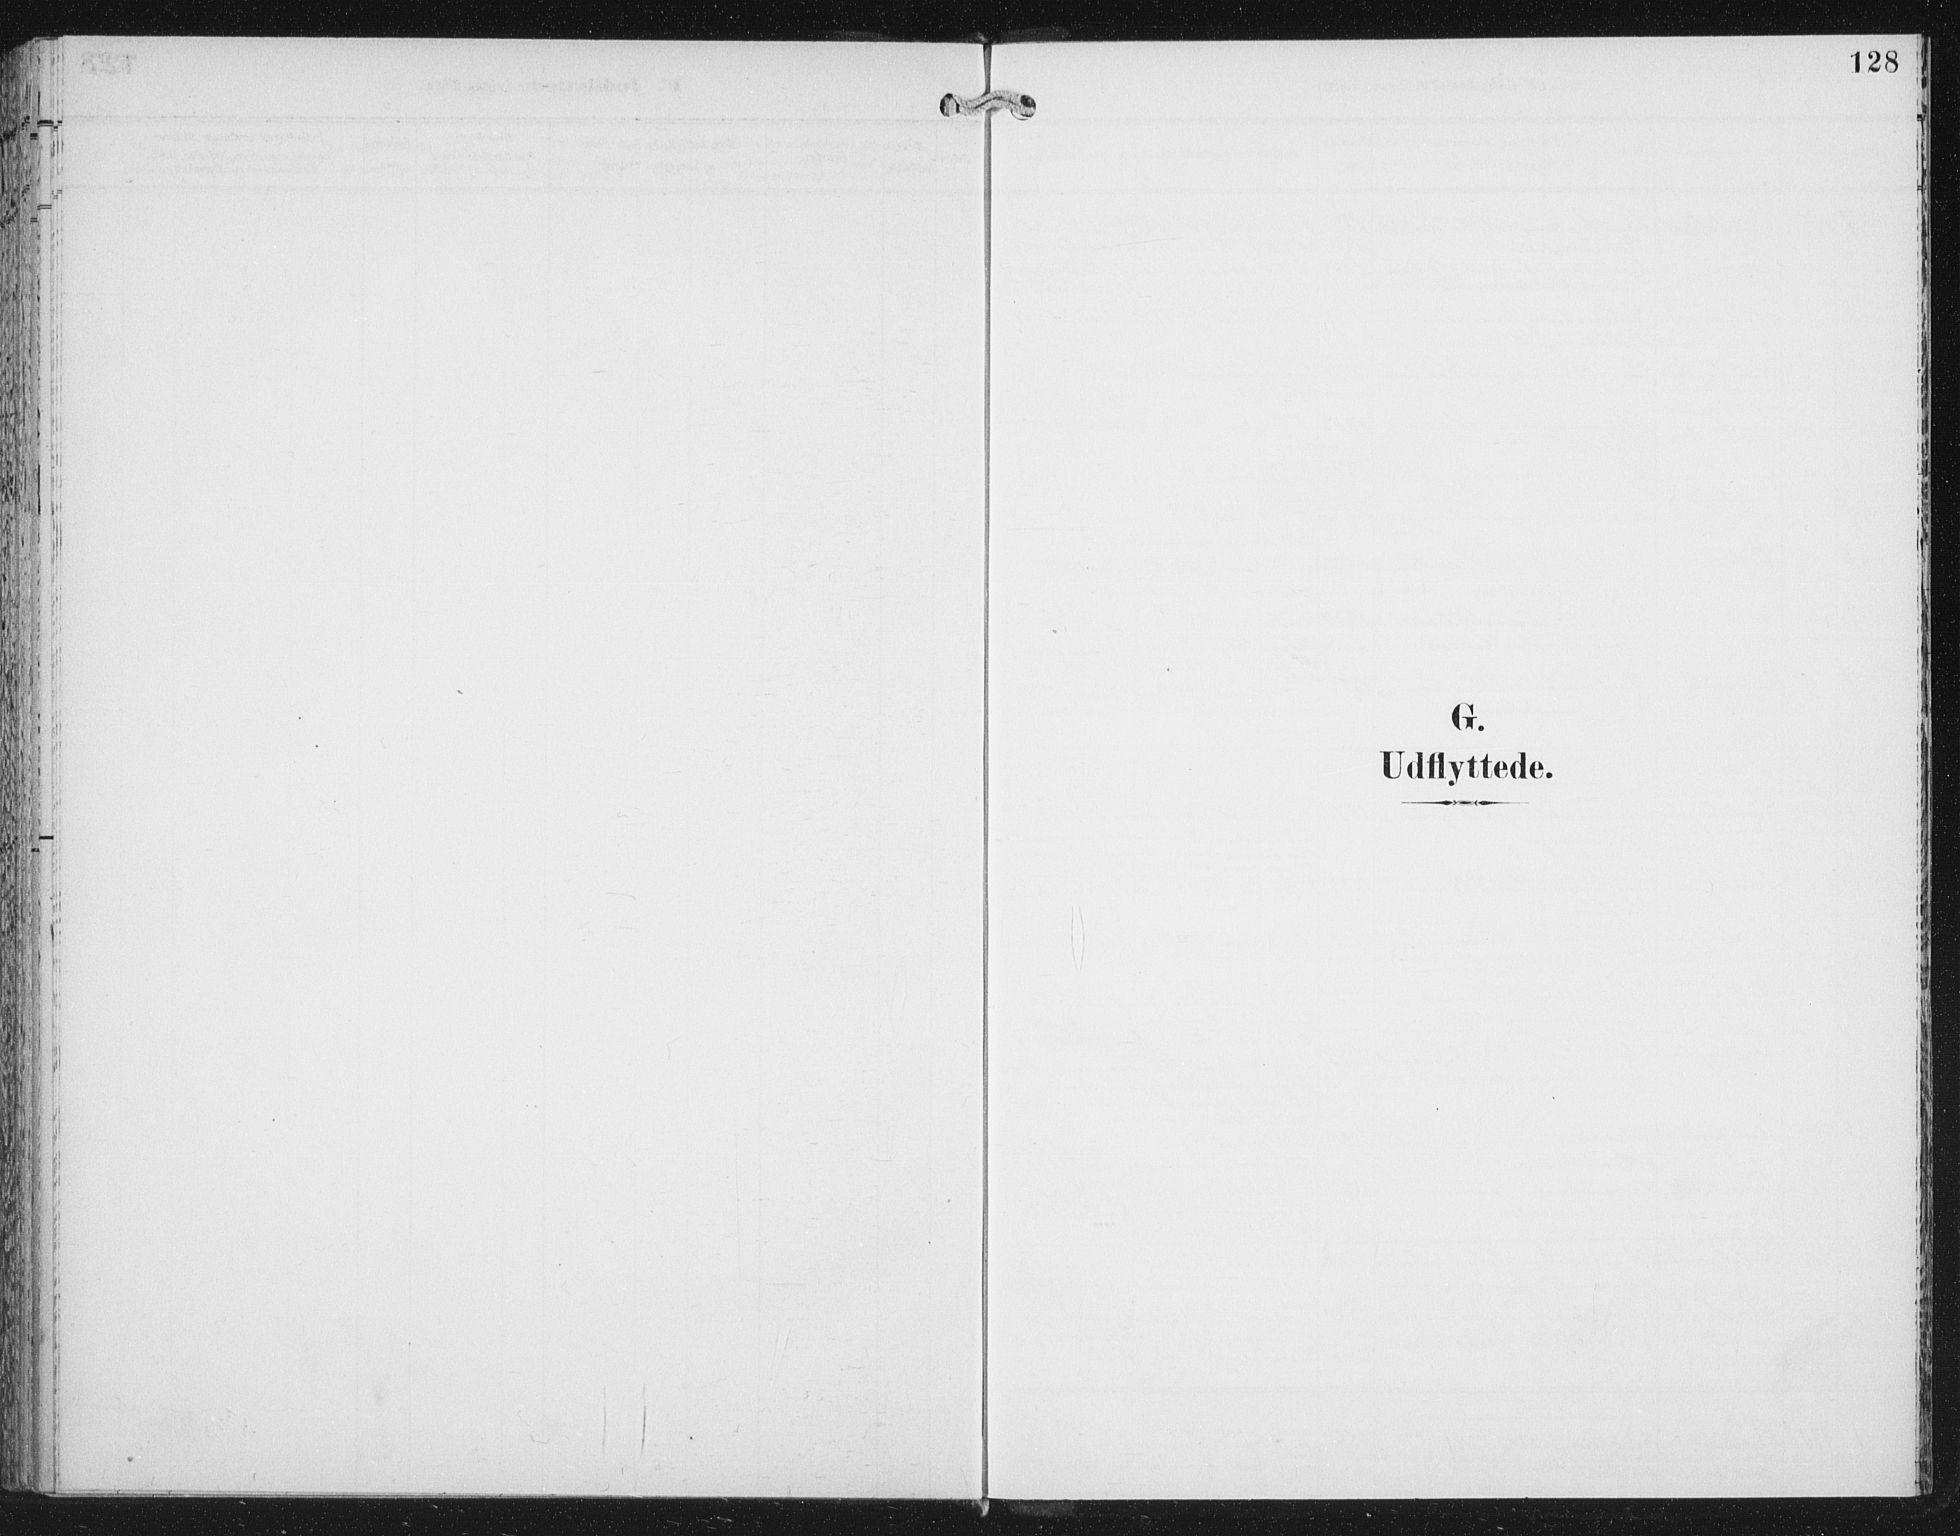 SAT, Ministerialprotokoller, klokkerbøker og fødselsregistre - Nord-Trøndelag, 702/L0024: Ministerialbok nr. 702A02, 1898-1914, s. 128